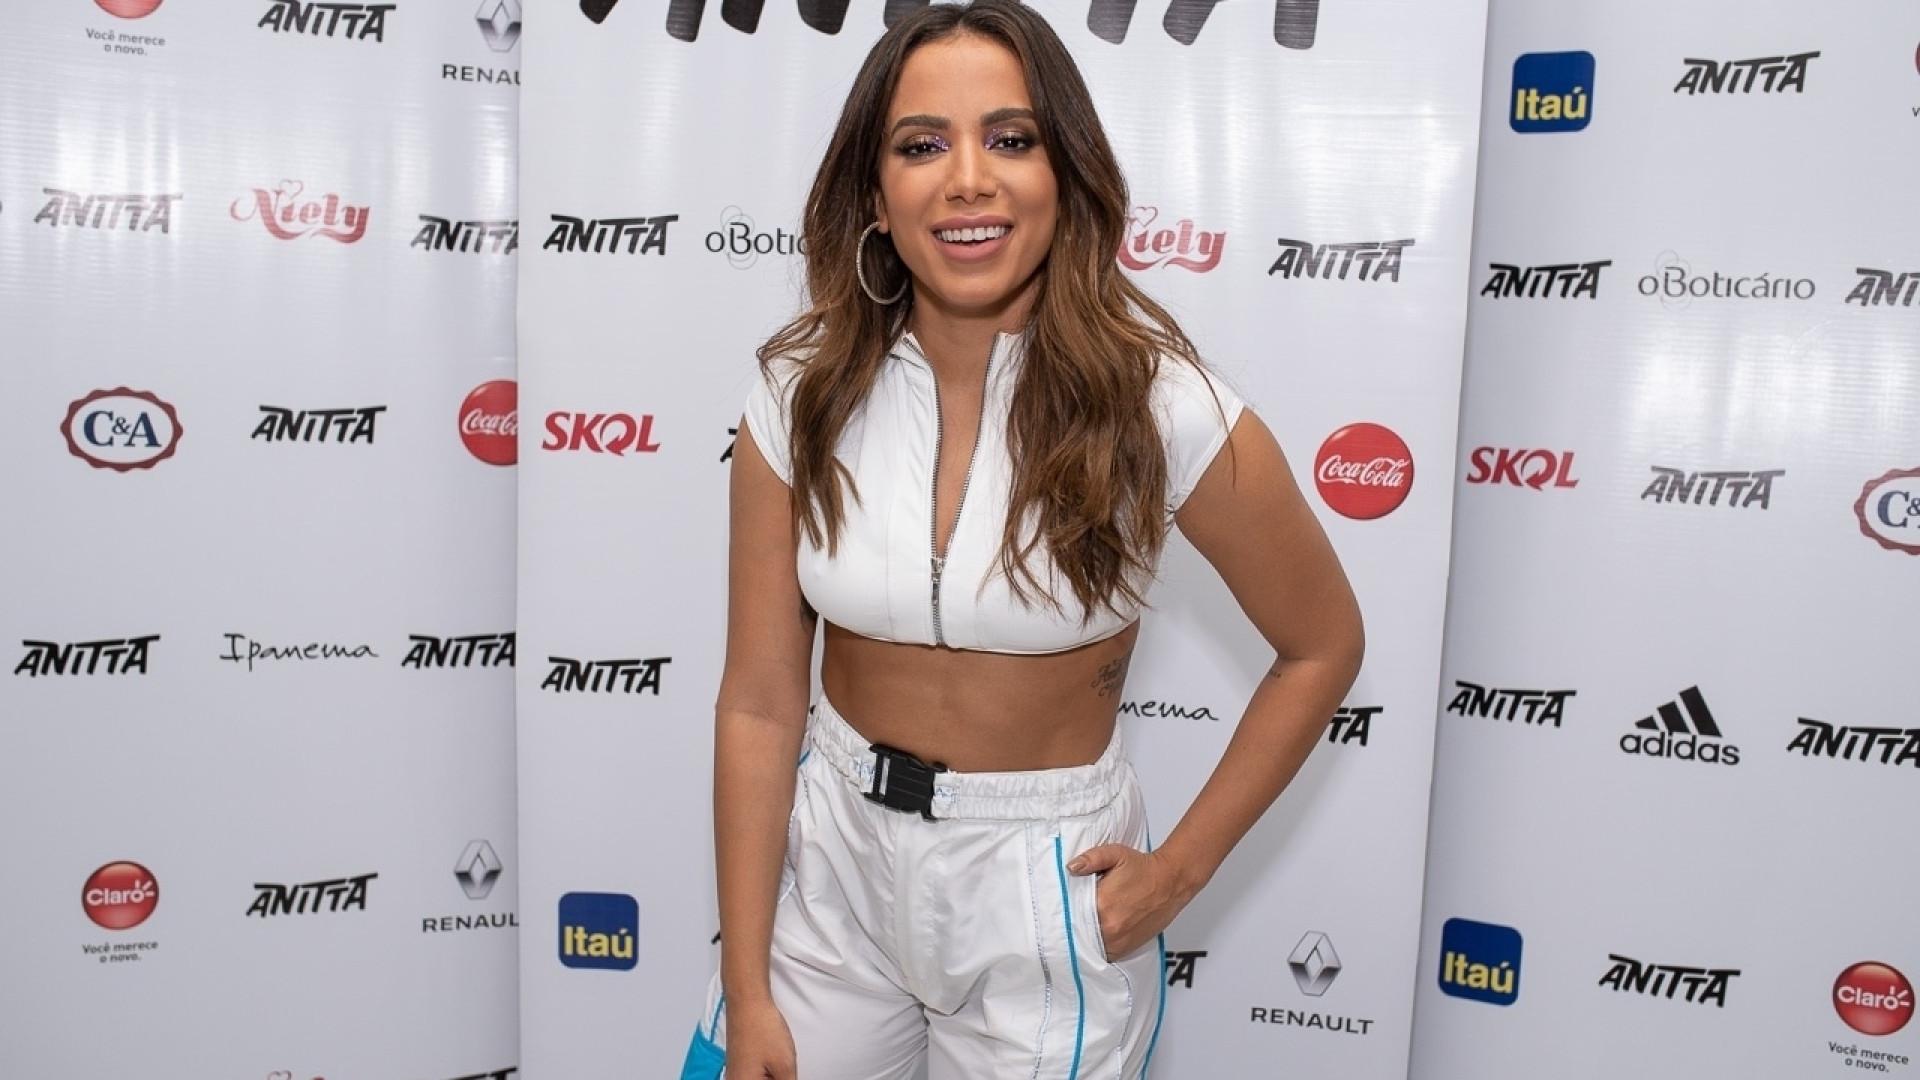 Anitta adverte fãs que divulgarem álbum antes da meia-noite: 'banidos'